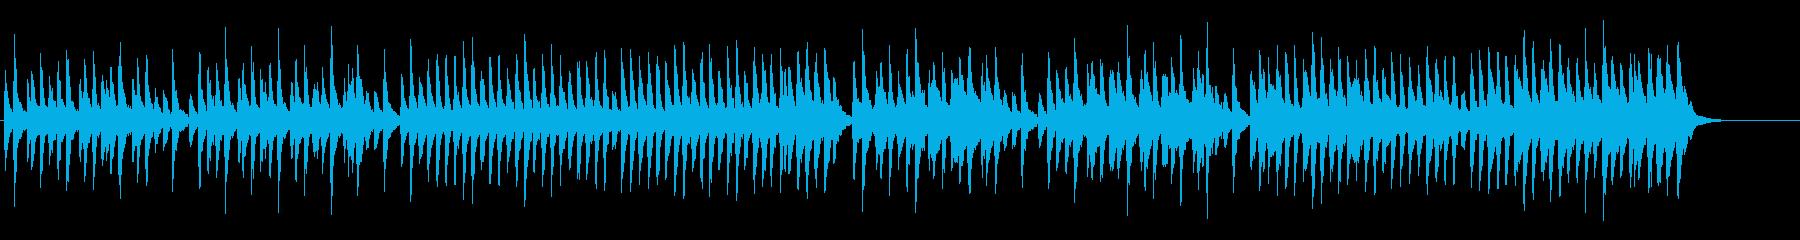 朗読用BGM(悲しいオルゴール)の再生済みの波形